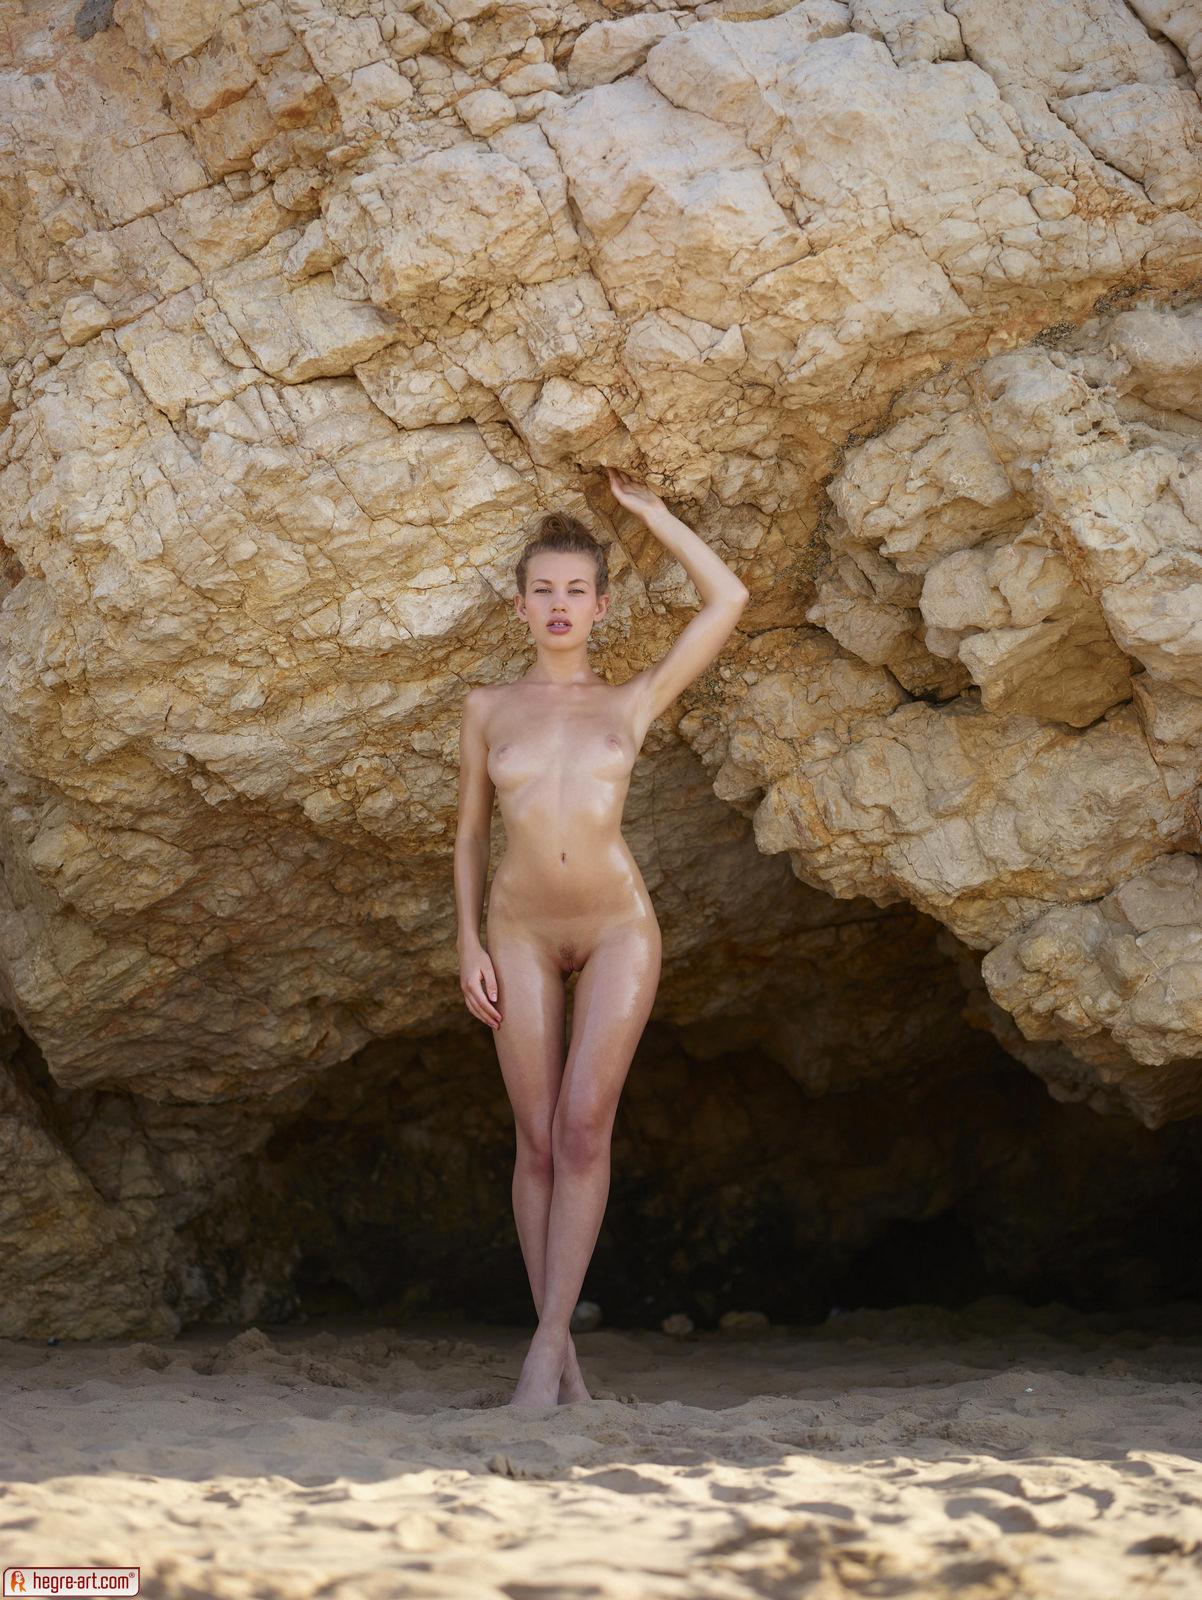 Zdjęcie porno - 0920 - Śliskie ciałko